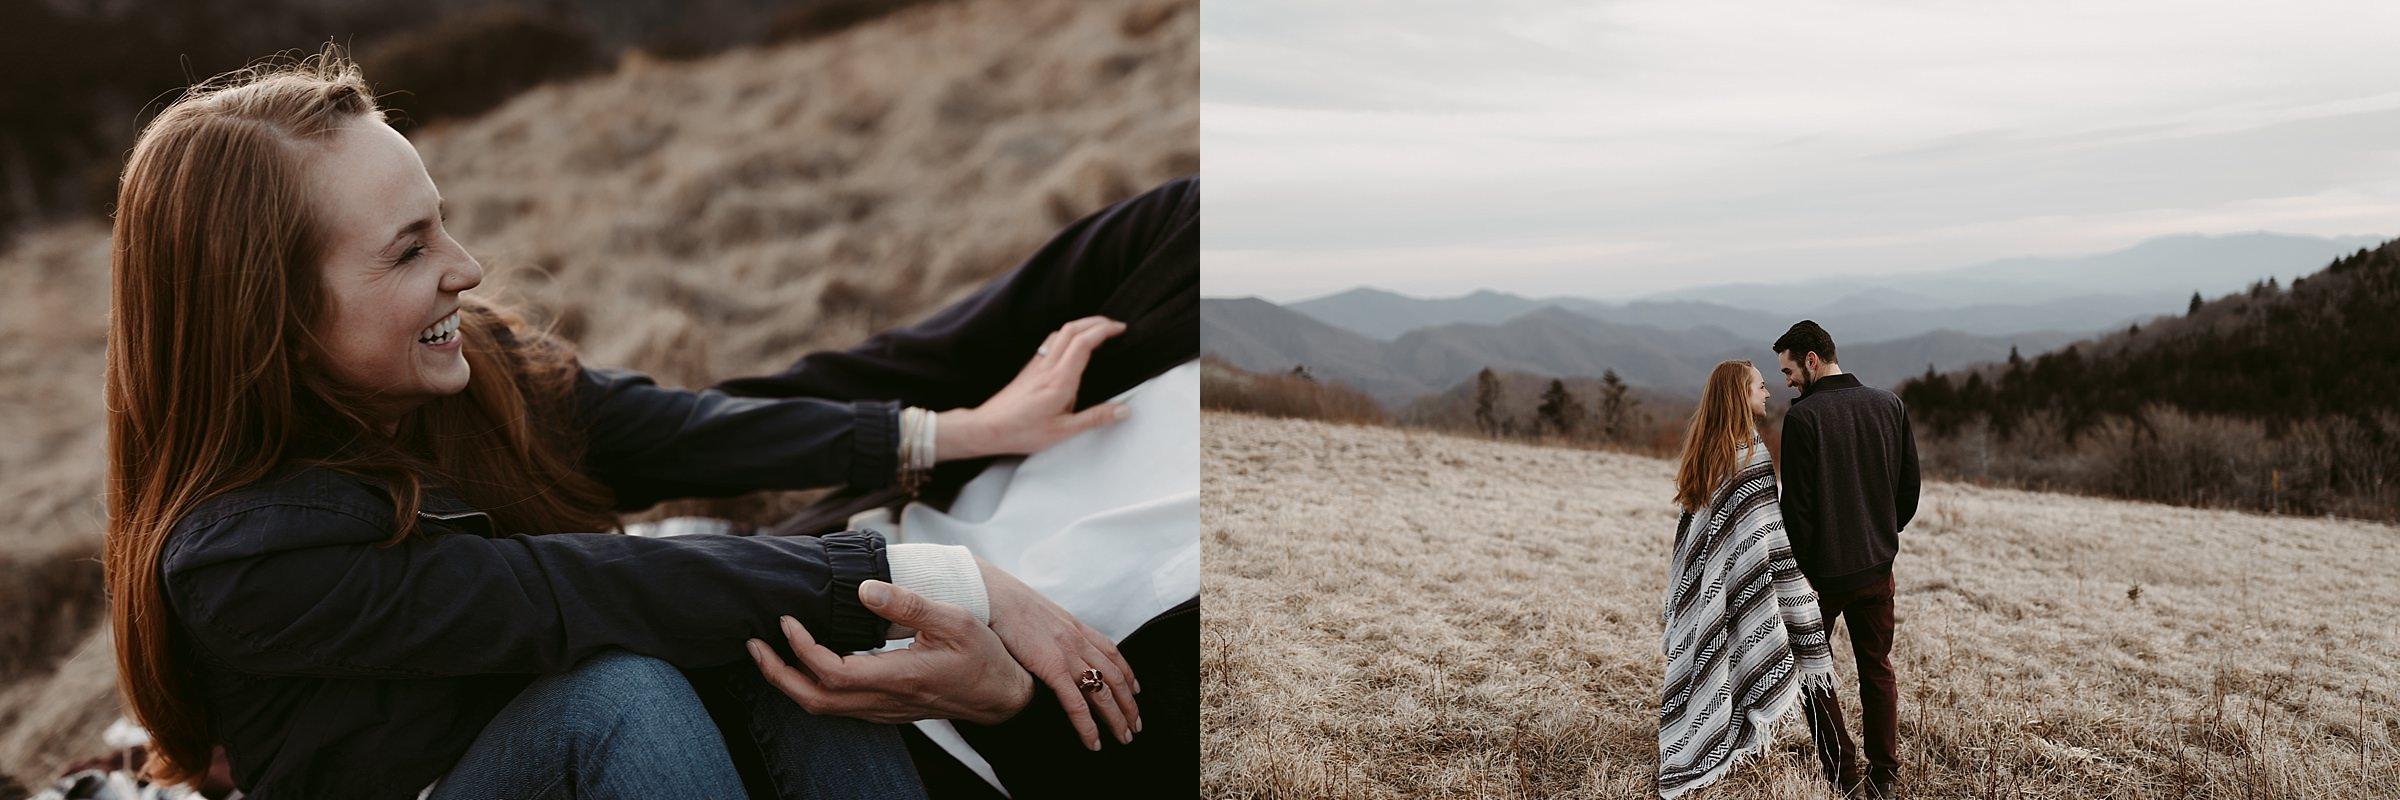 rocky_mountain_park_co_elopement_photographer_0029.jpg